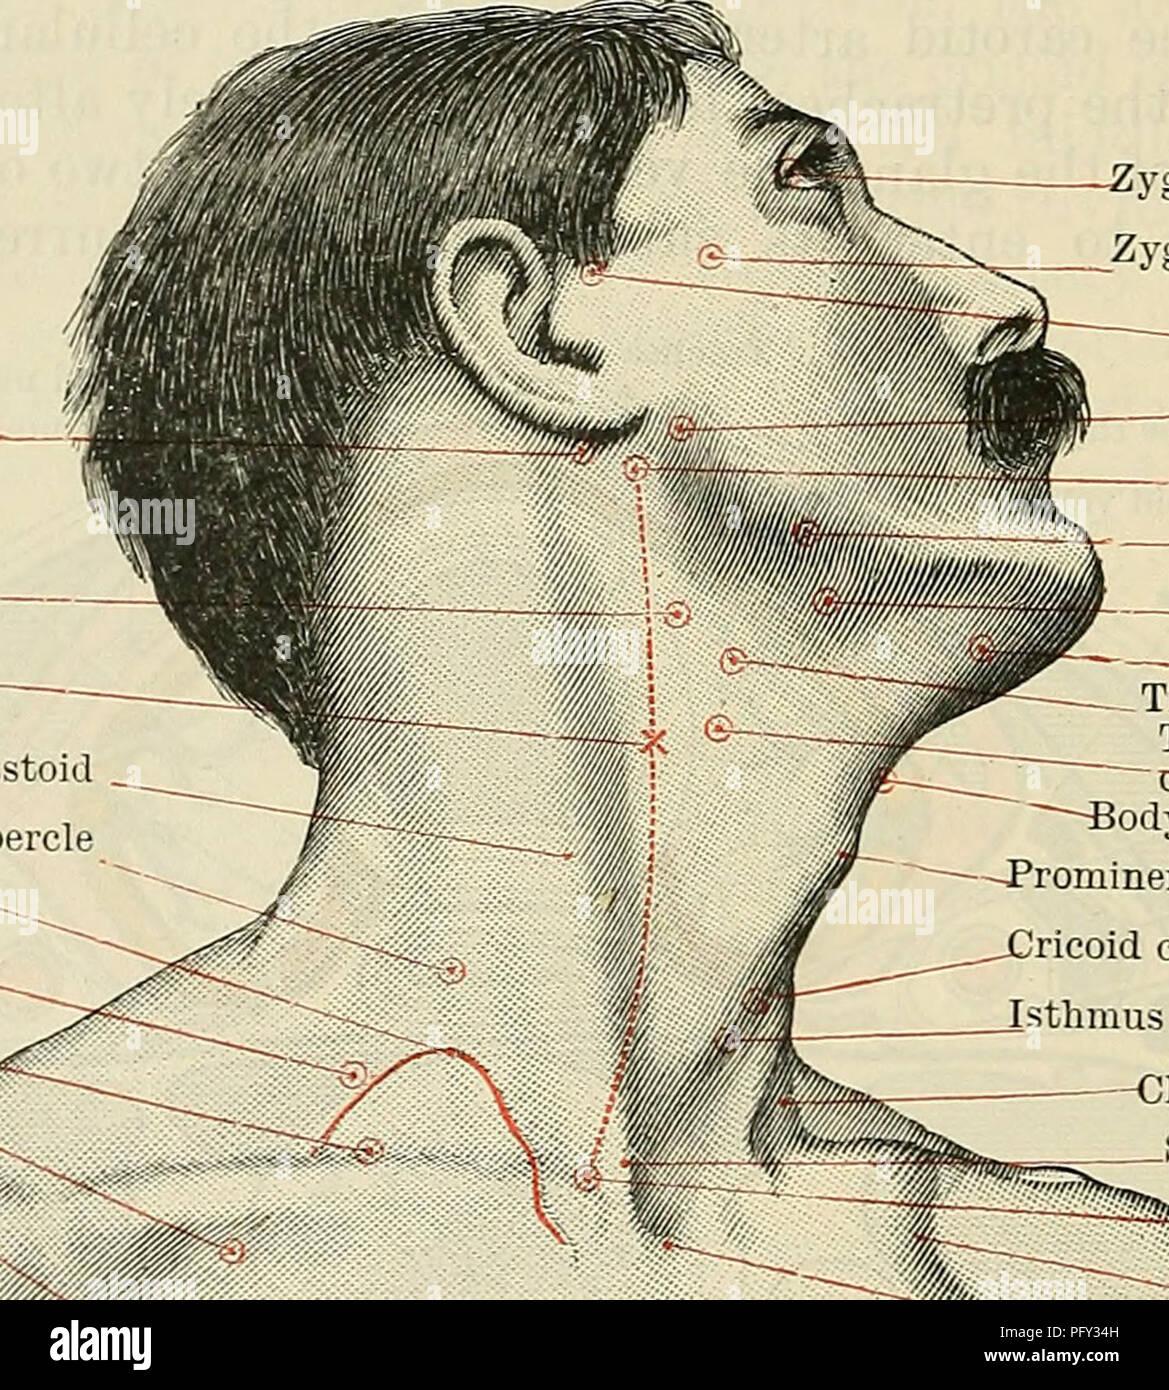 Temporal Artery Imágenes De Stock & Temporal Artery Fotos De Stock ...